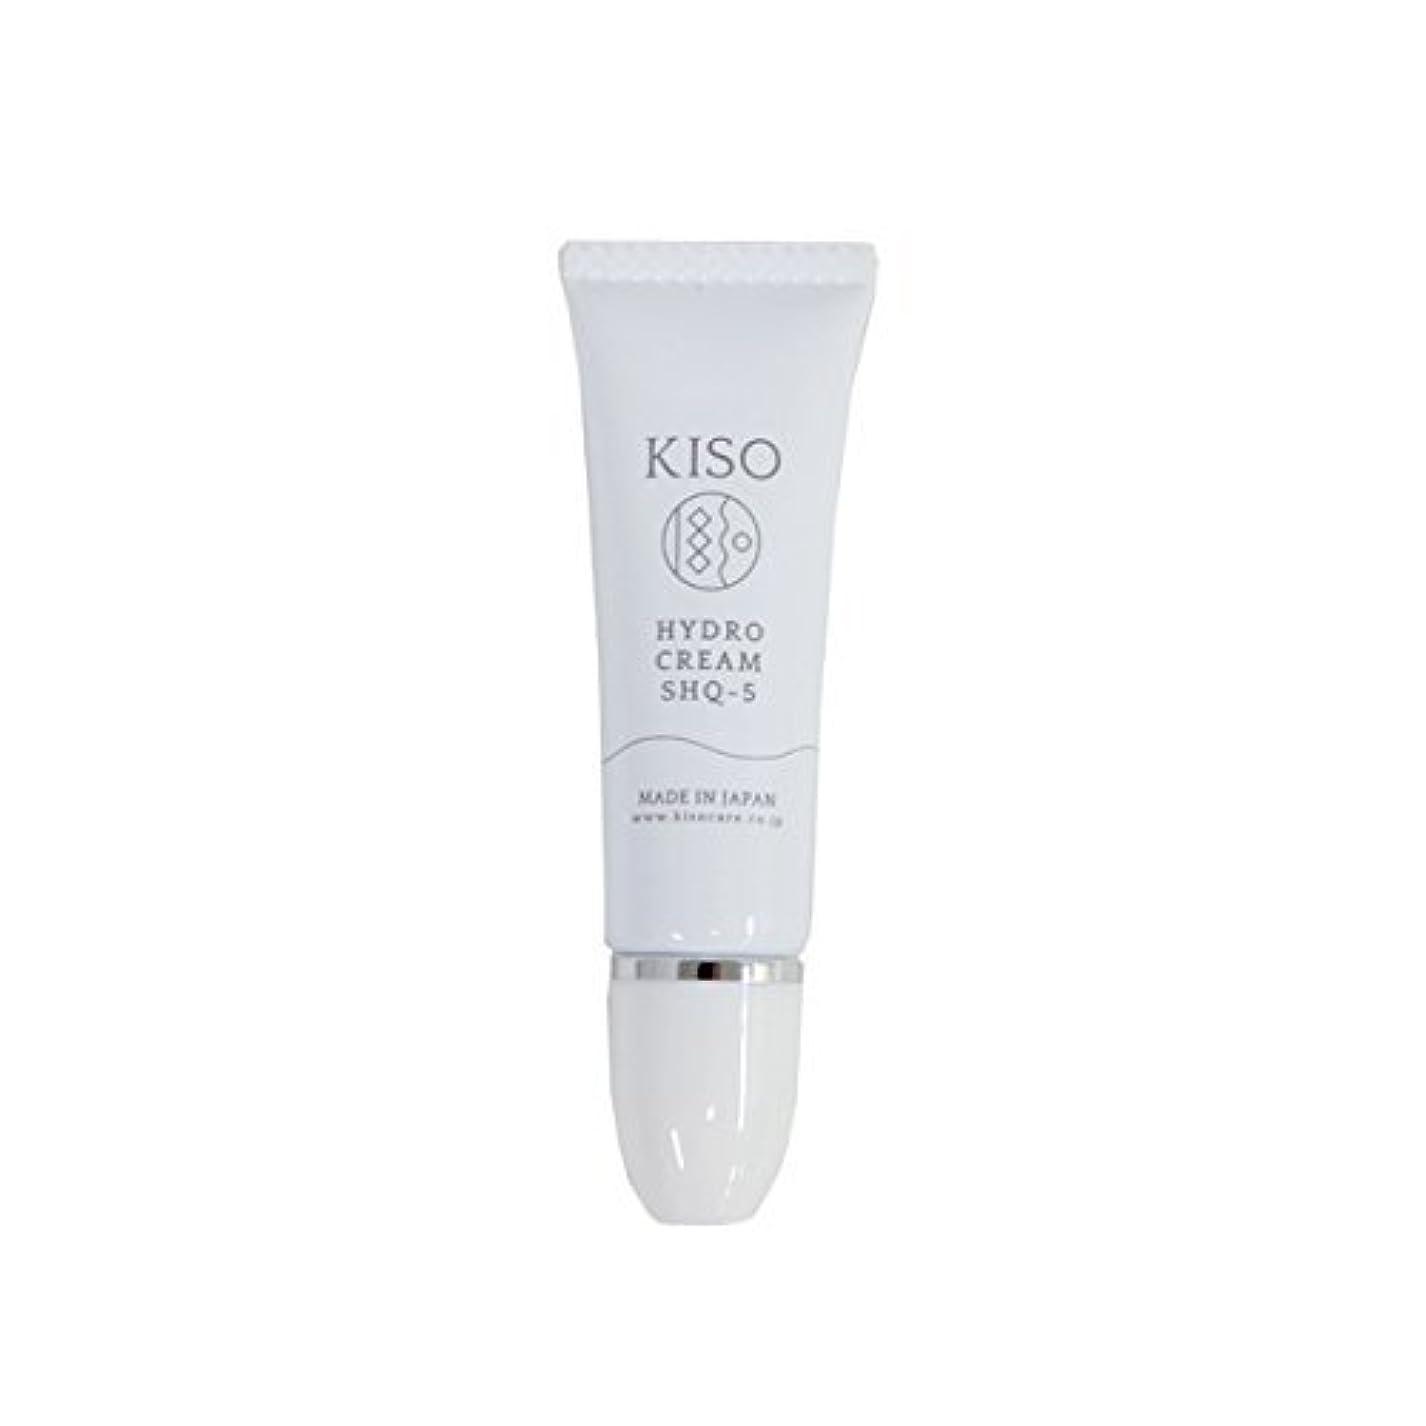 勤勉想像力豊かな支配するKISO 安定型 ハイドロキノン 5%配合【ハイドロ クリーム SHQ-5 10g】スキンケアで肌を整えた後にちょこっとケア 日本製